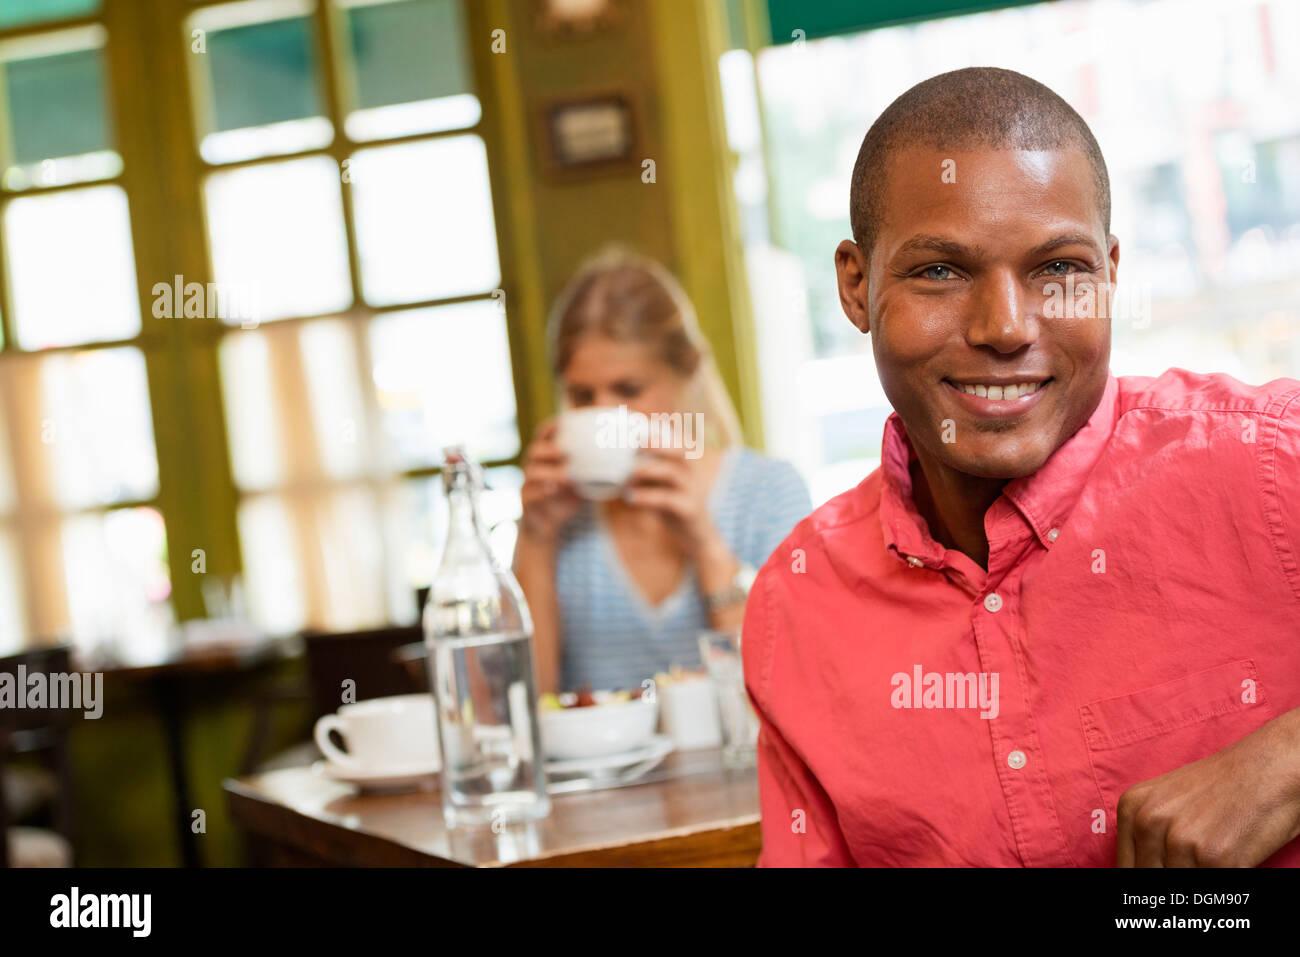 Una pareja en una cafetería de la ciudad. Sentado en una mesa. Una mujer sosteniendo una taza de café. Foto de stock